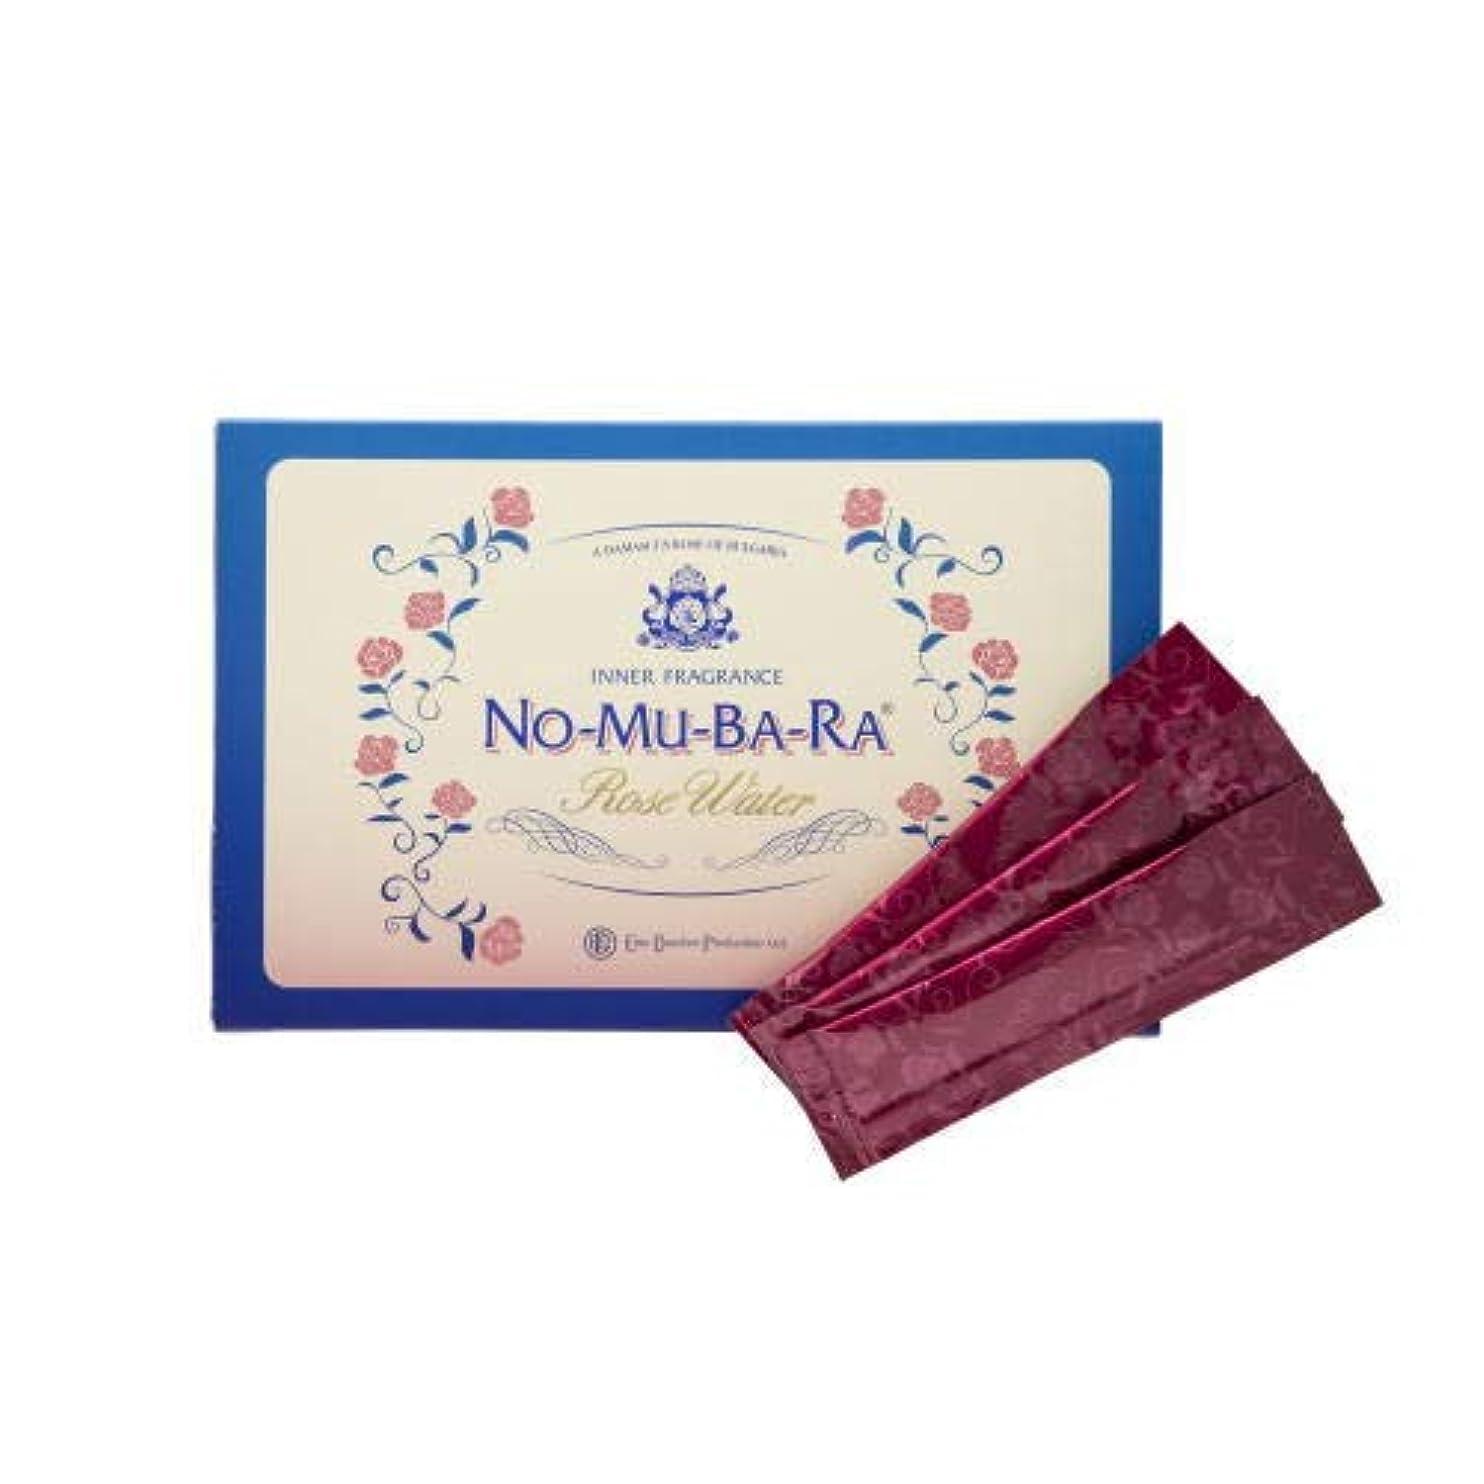 相対サイズ染料ソブリケットNO-MU-BA-RA NO-MU-BA-RA(ノムバラ)(35包入)×2箱【モンドセレクション受賞】